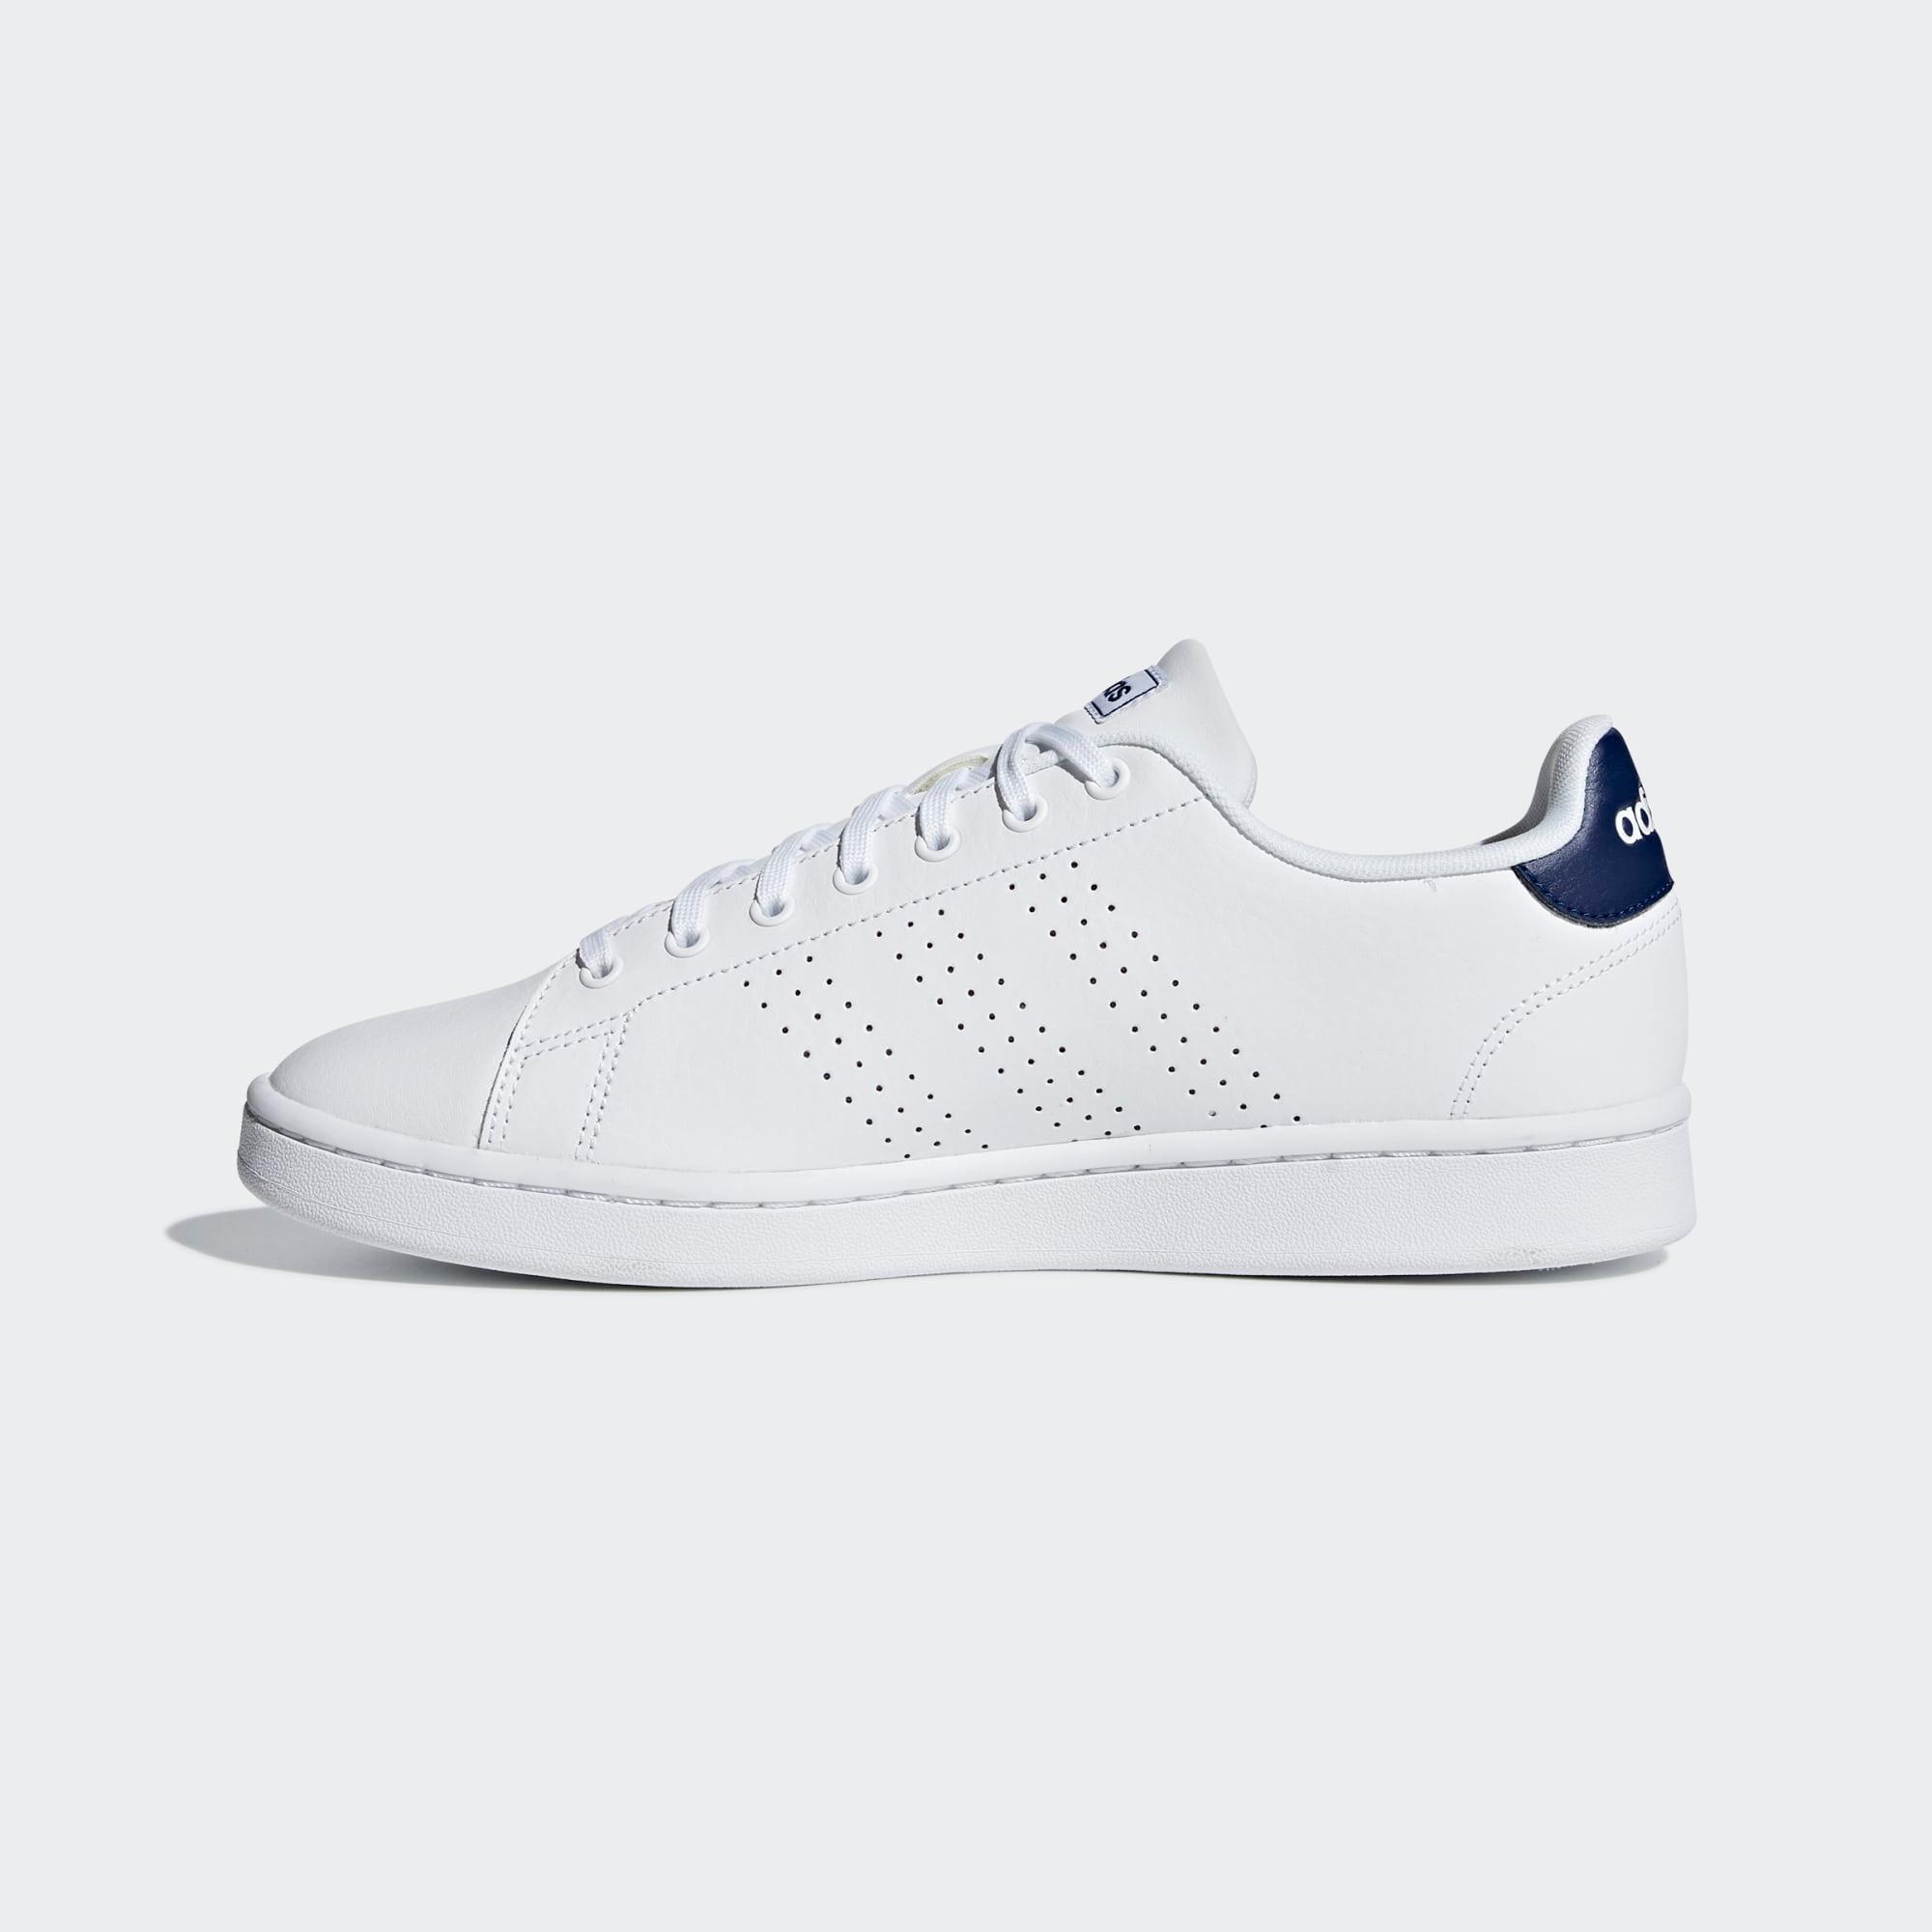 Vans Old Skool Sneaker Damen hellblau weiß im Online Shop von SportScheck kaufen